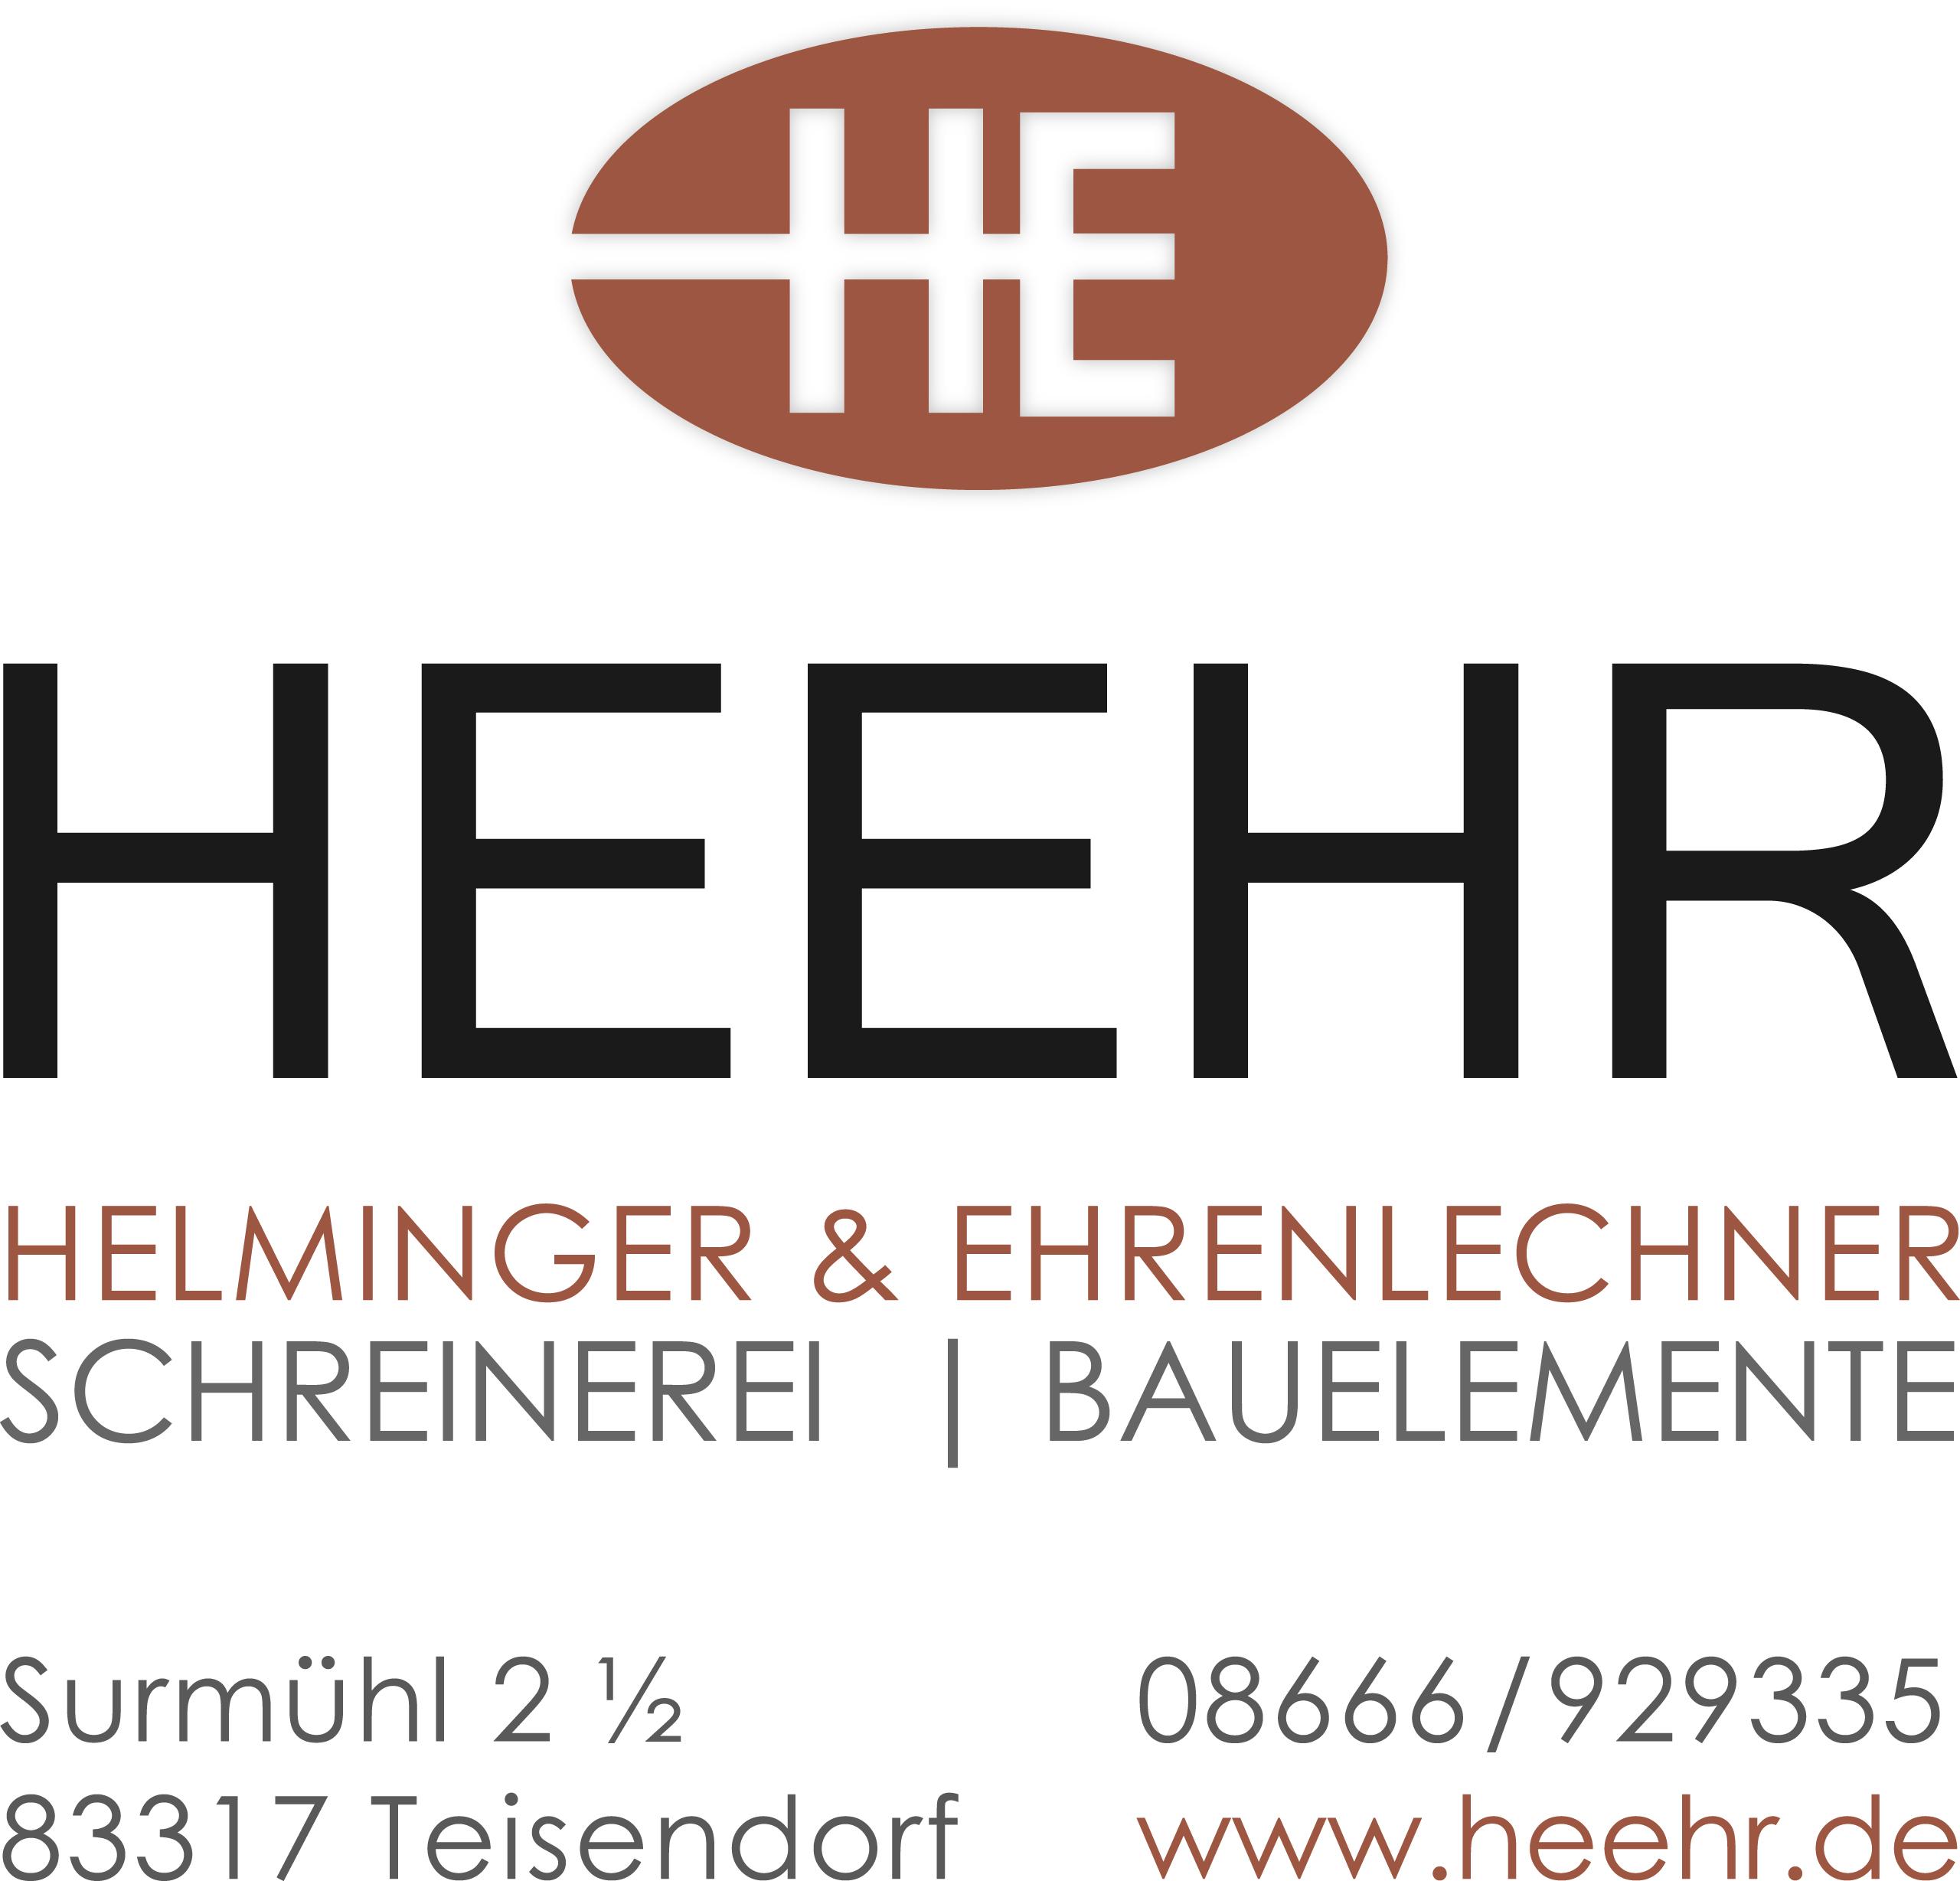 Schreinerei HEEHR GmbH & Co. KG<br>Helminger & Ehrenlechner